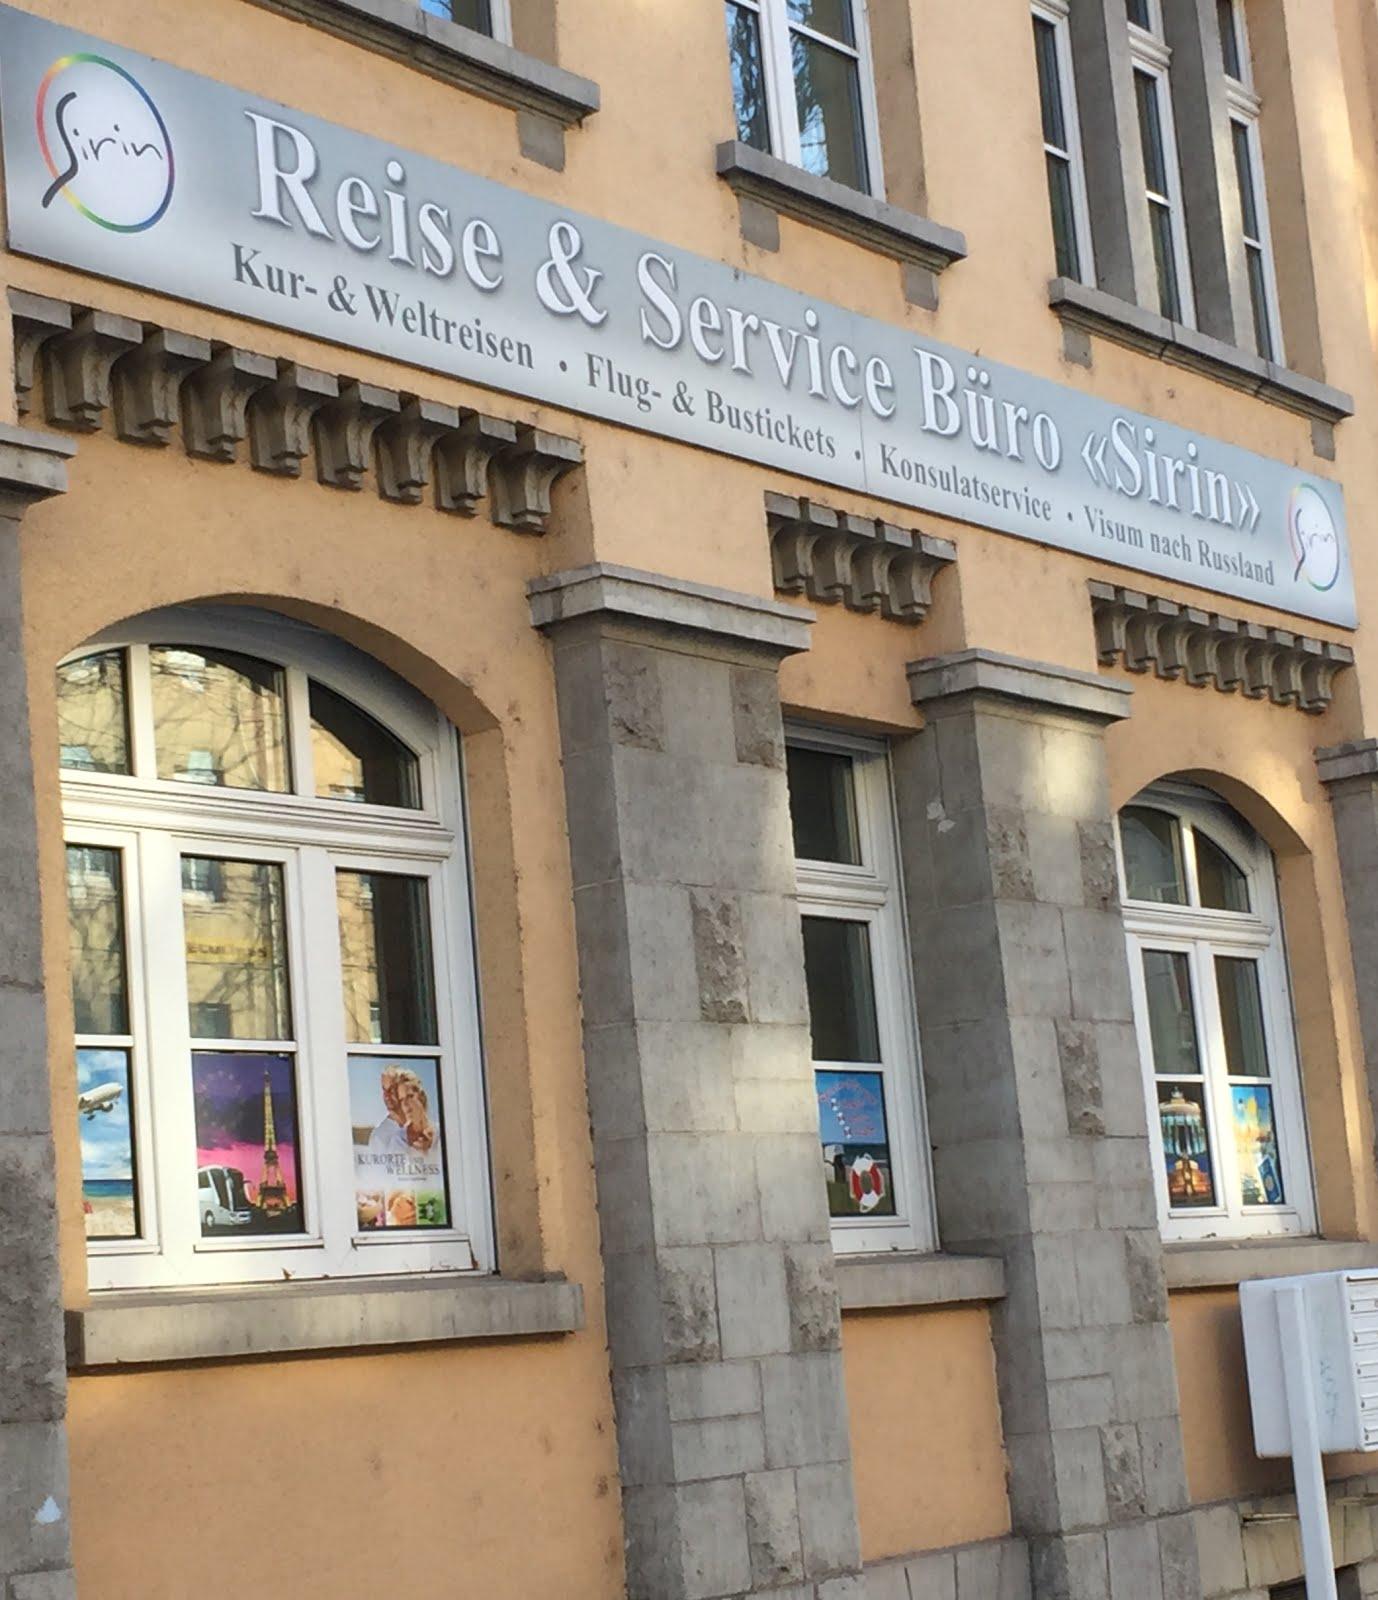 Reise & Servicebüro für Russlandreisen